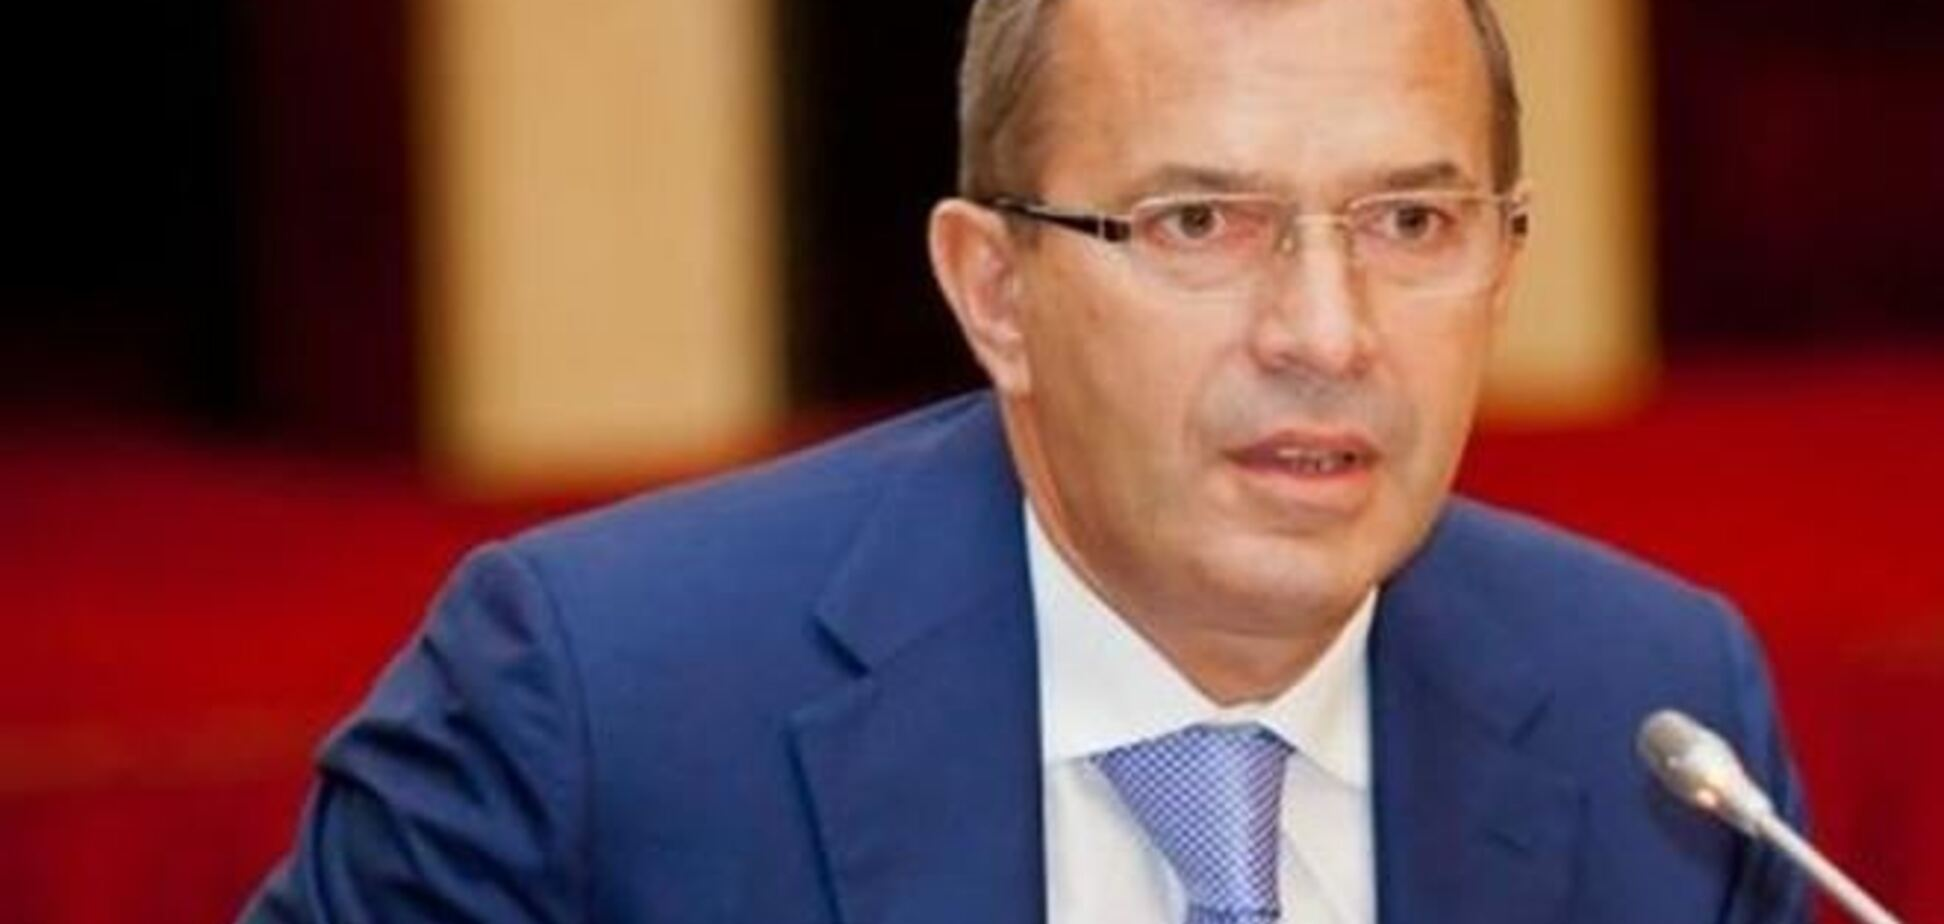 Клюєв просить ЄС гарантувати об'єктивність при розслідуванні подій в Україні